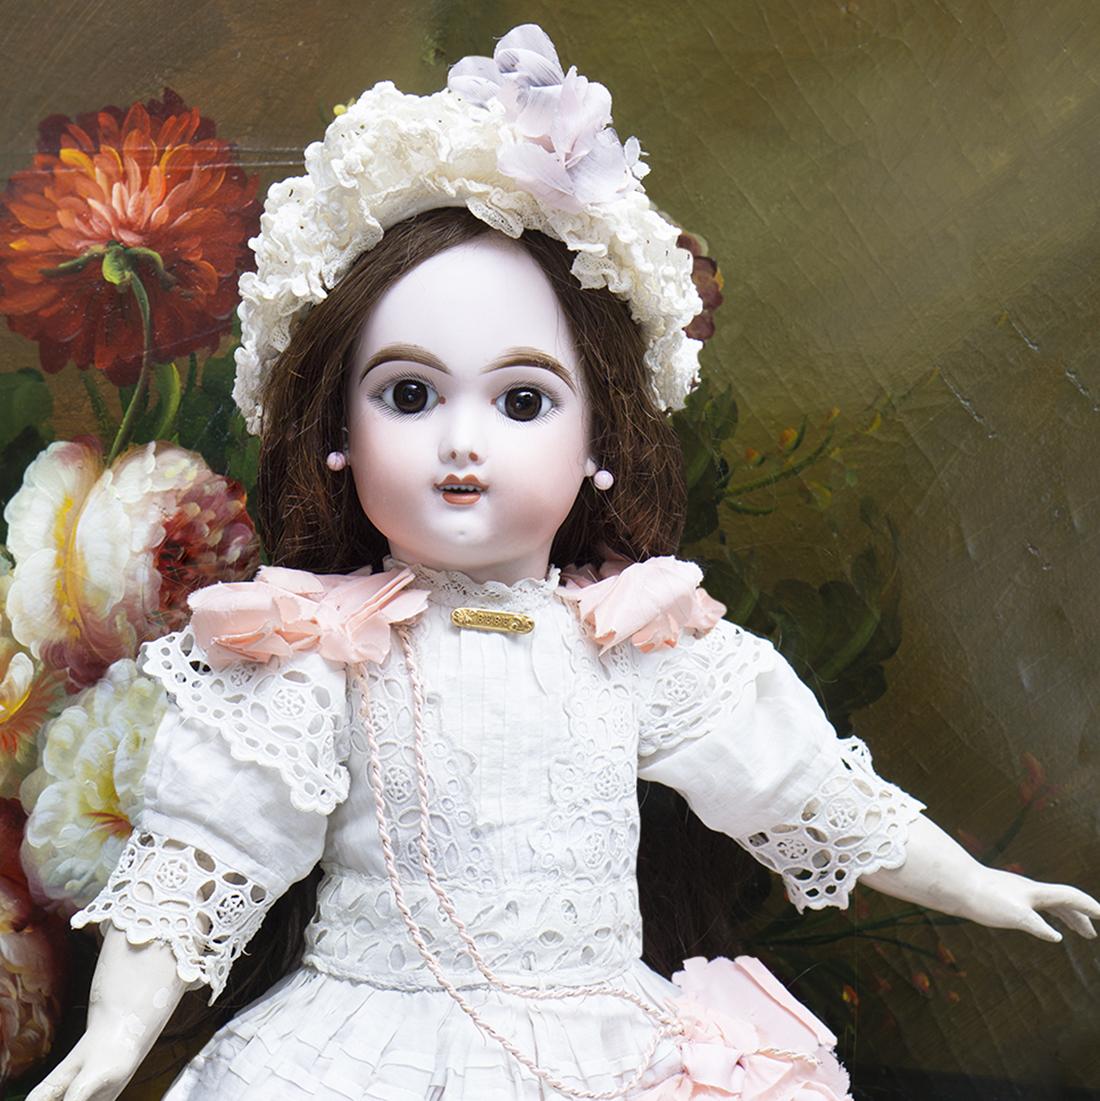 Eden Bebe doll